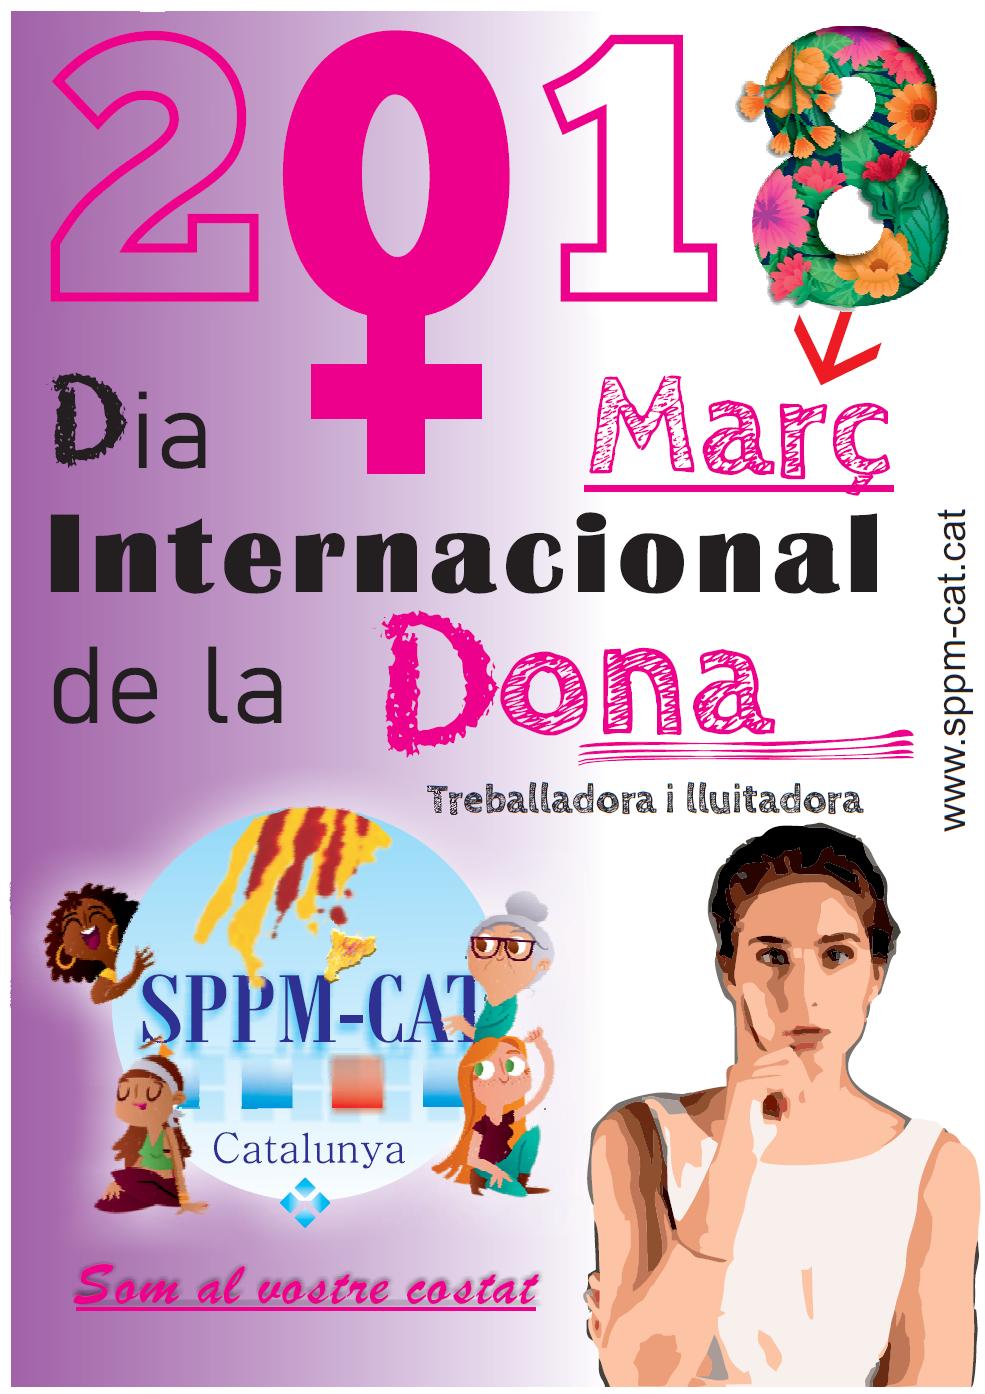 El SPPM Cat amb el Dia Internacional de la Dona